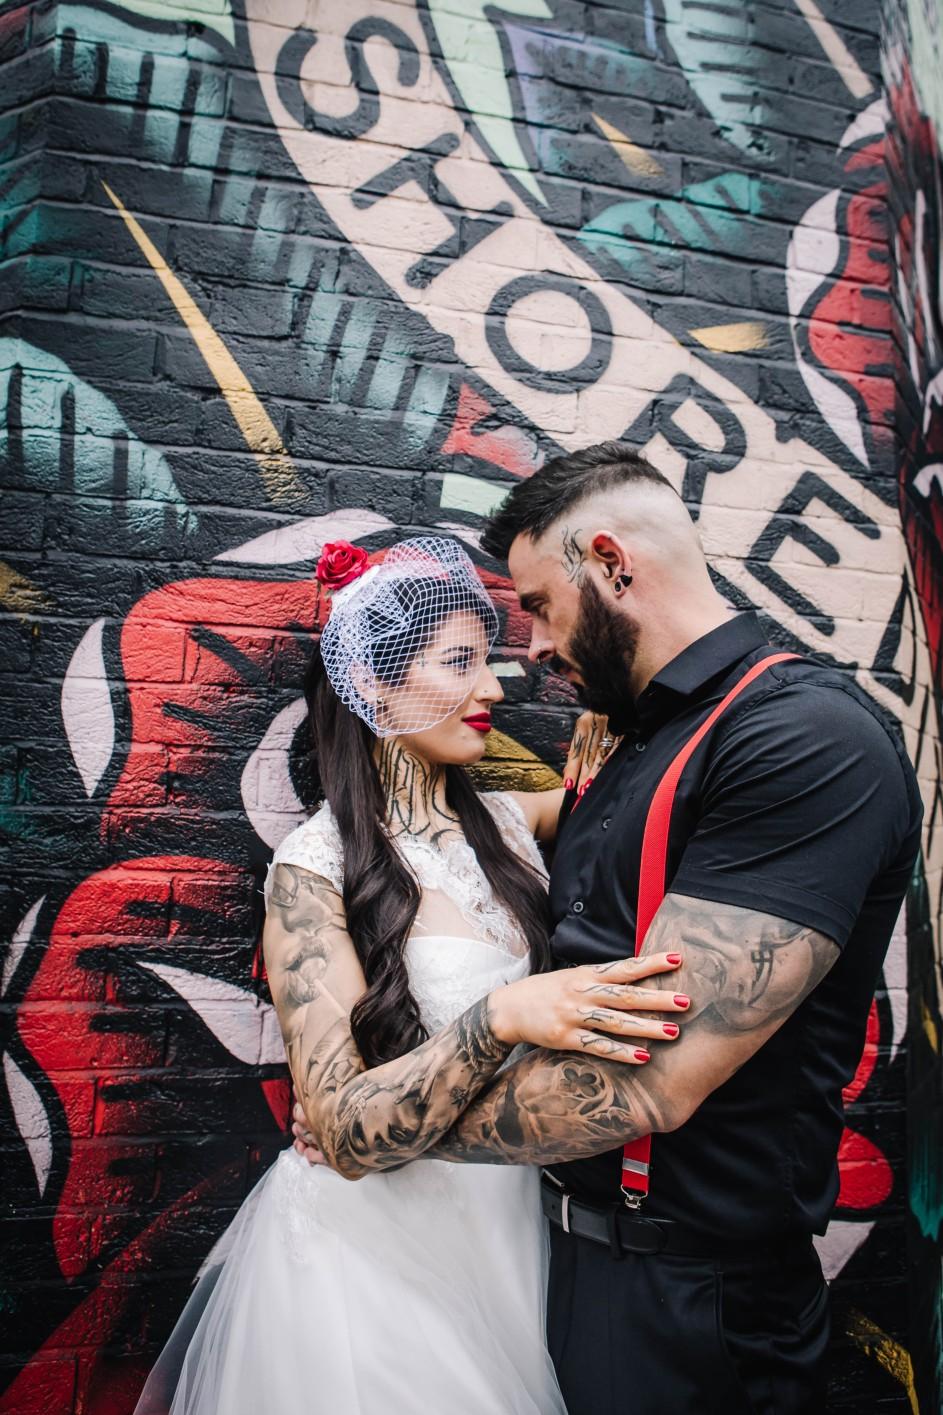 Urban Rockabilly Wedding - Urban Wedding - Magpie-Eye Photography- Unconventional Wedding- tattooed wedding- birdcage veil - alternative wedding wear